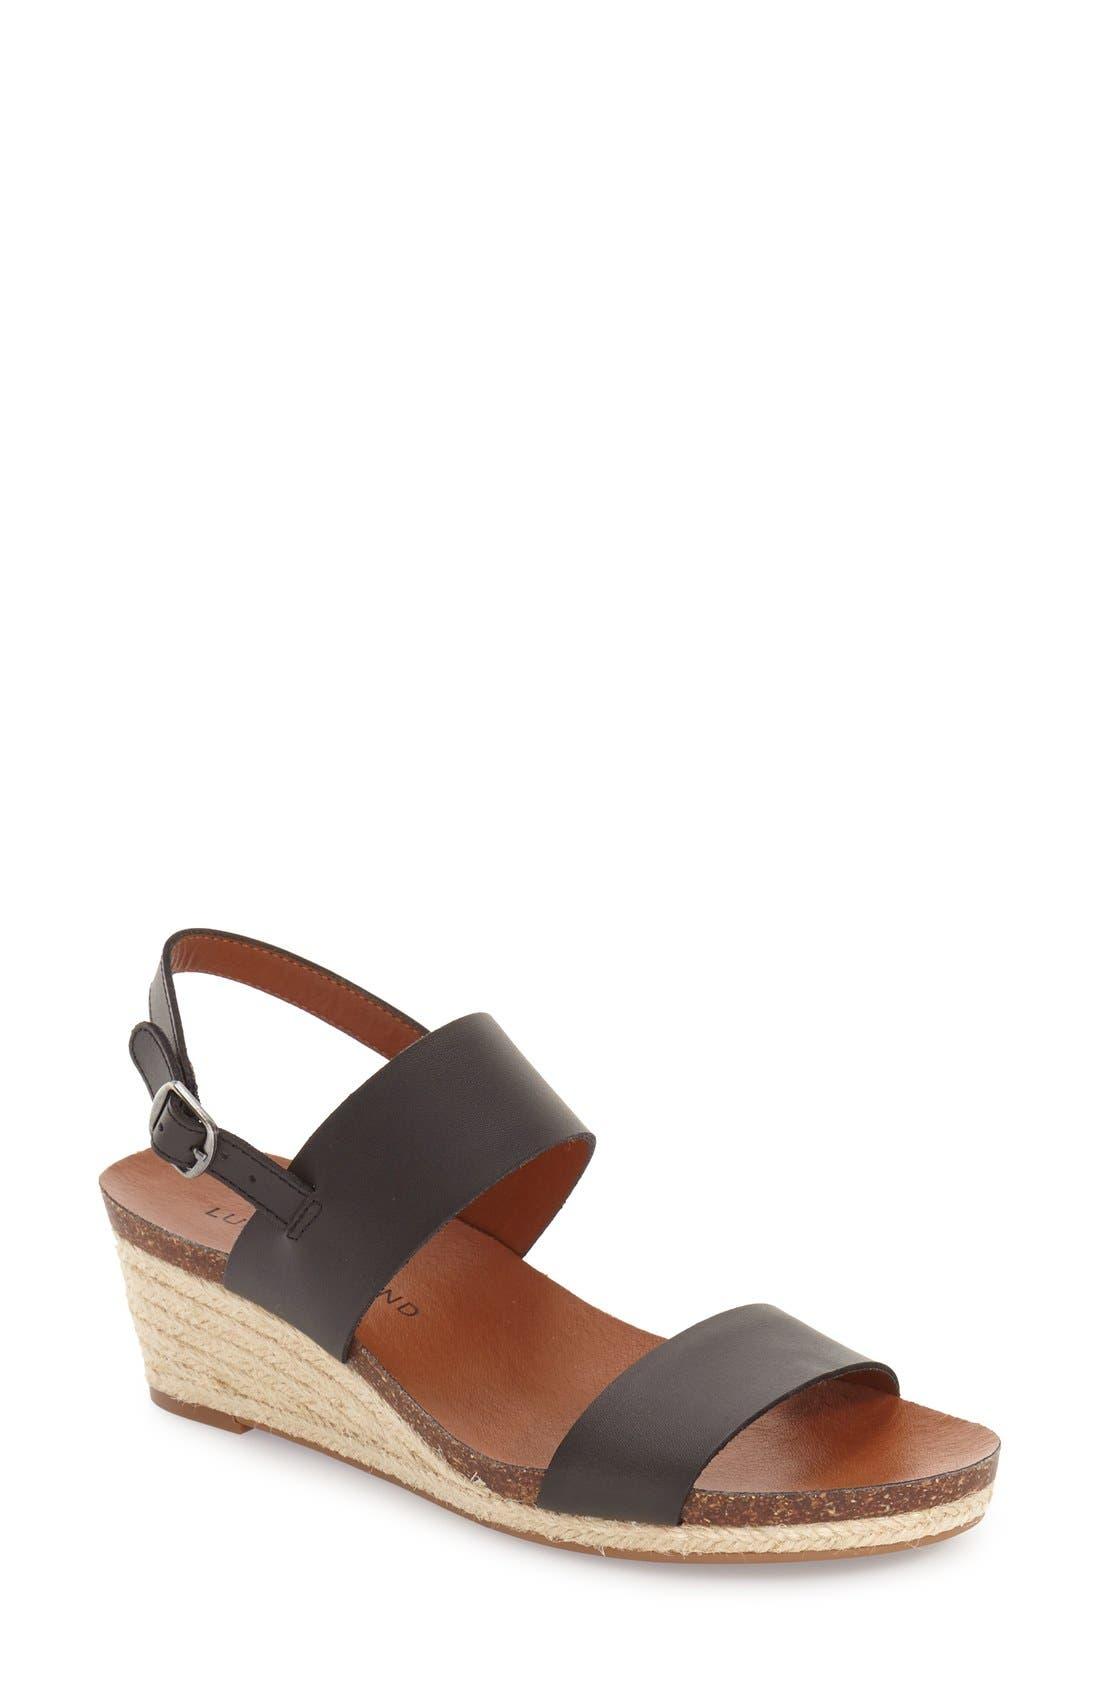 Main Image - Lucky Brand 'Jette' Wedge Sandal (Women)